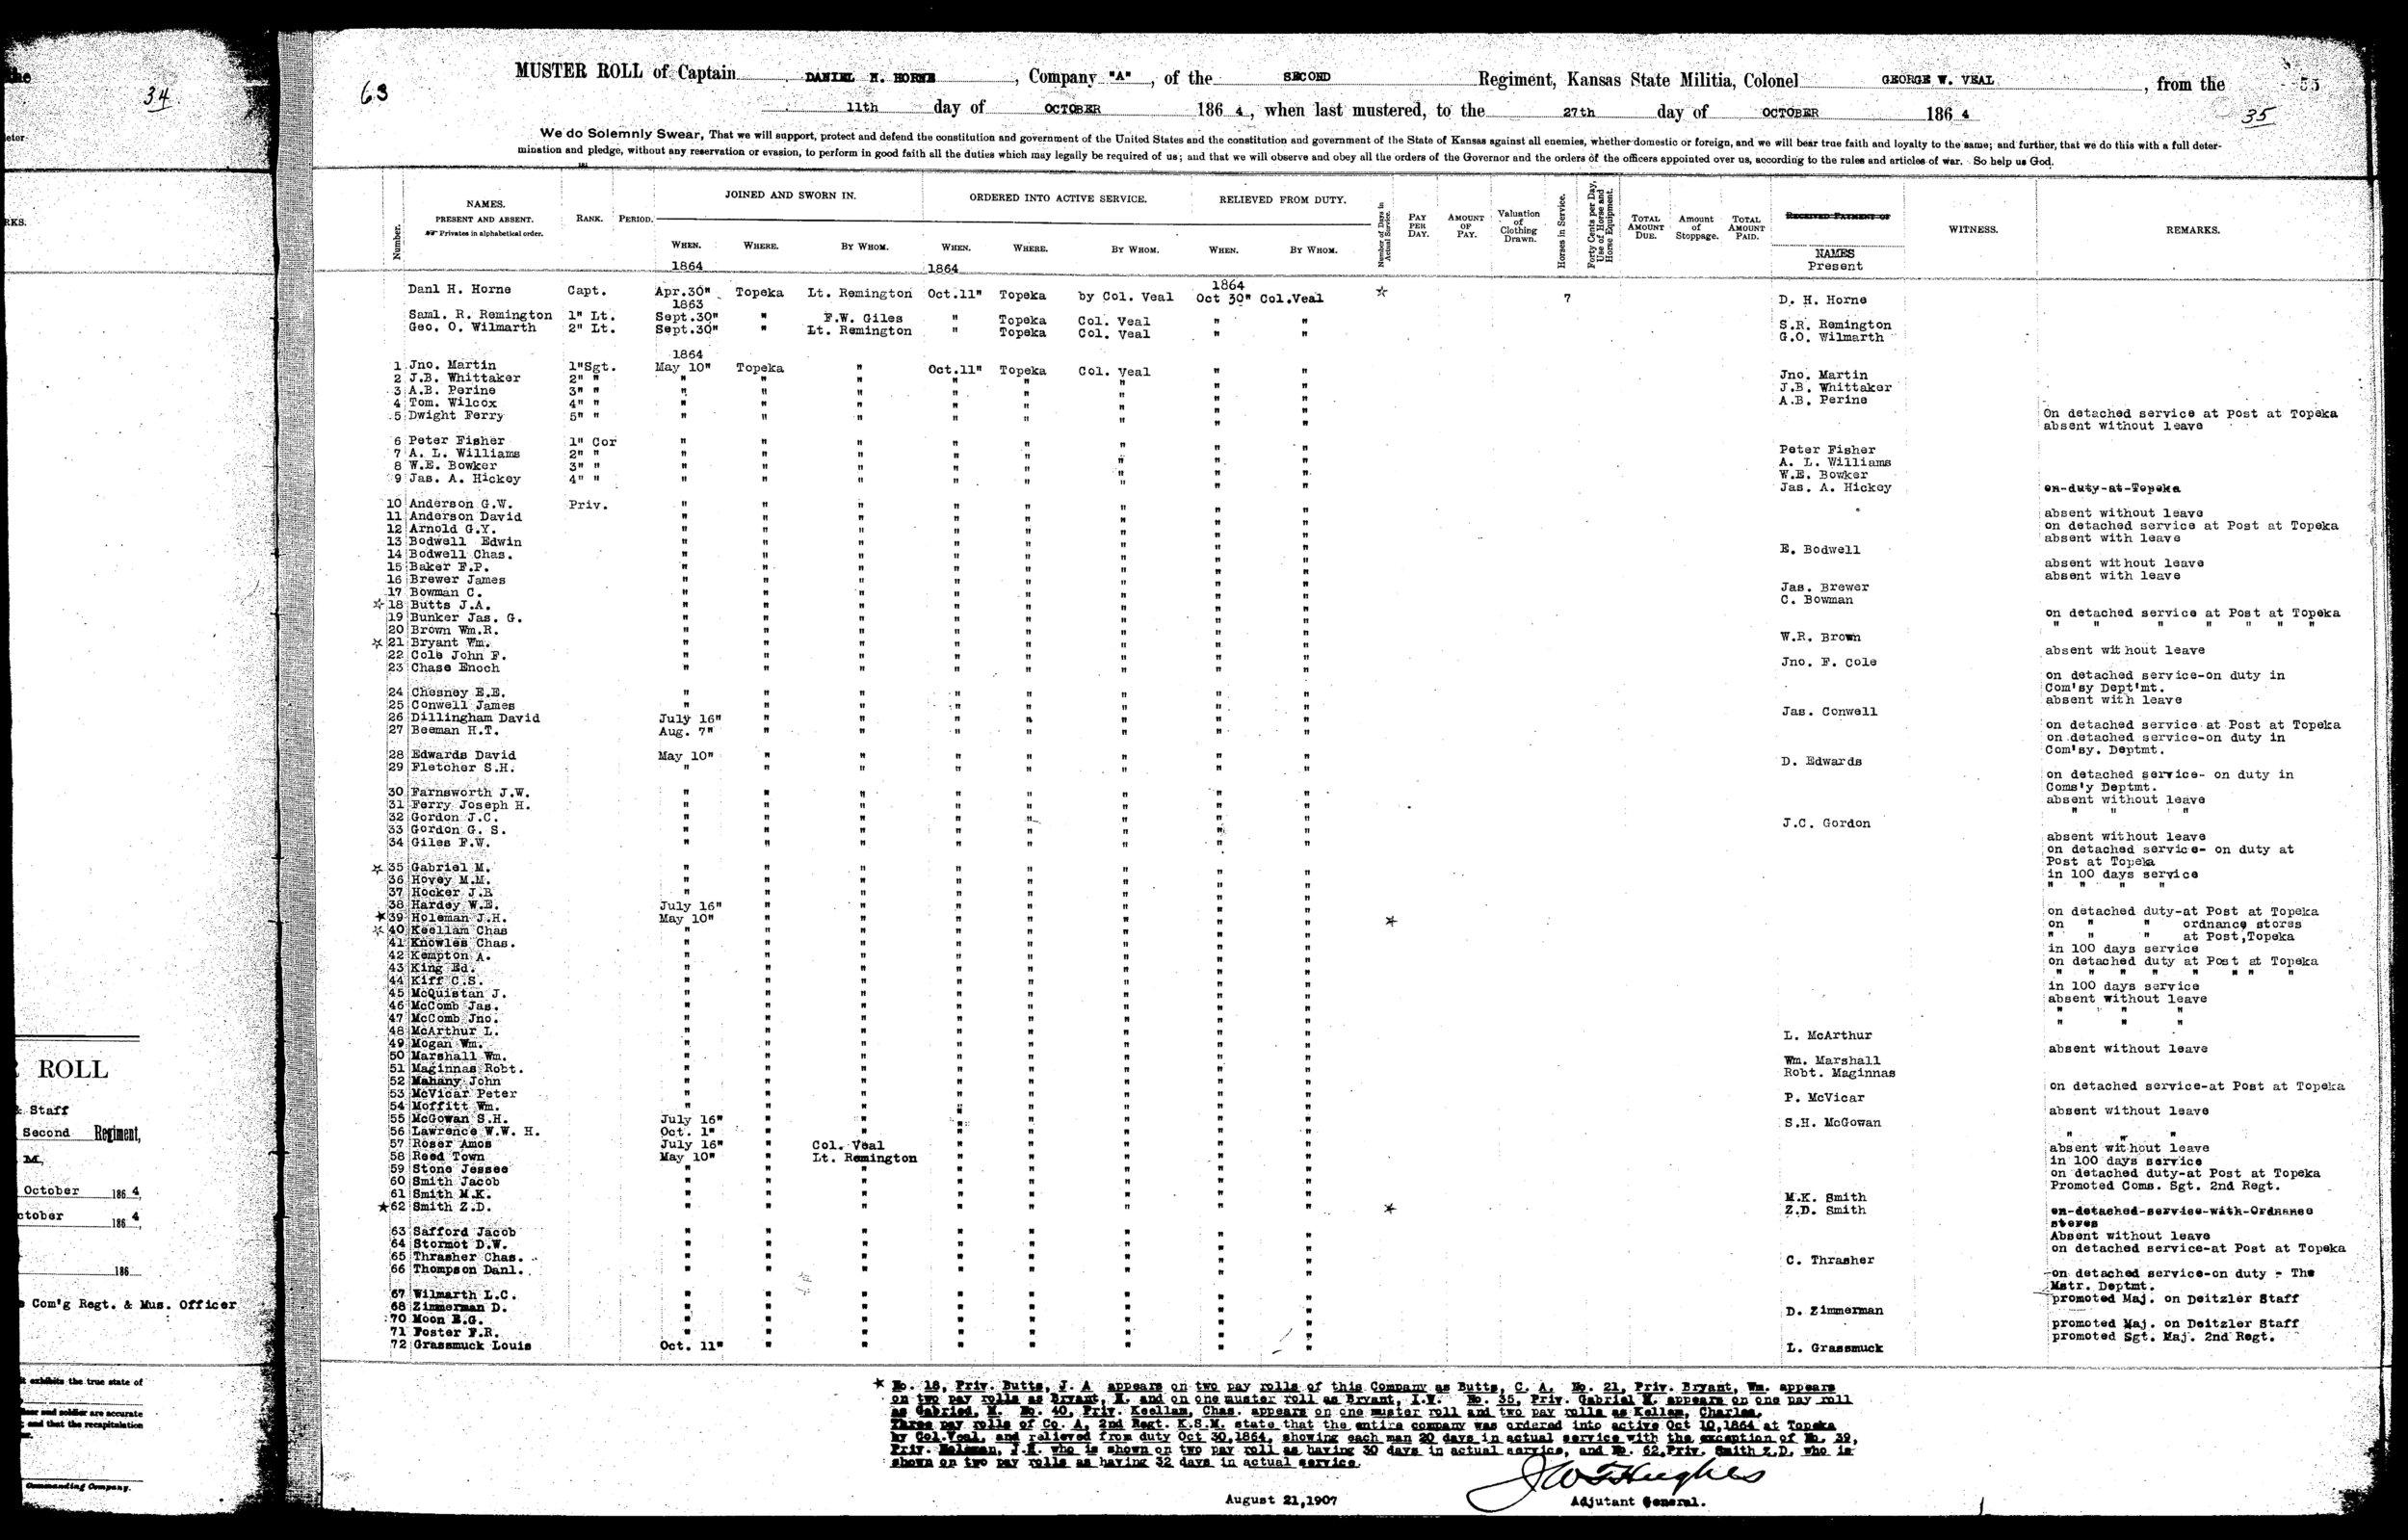 Muster rolls, Kansas State Militia, volume 1 - 55